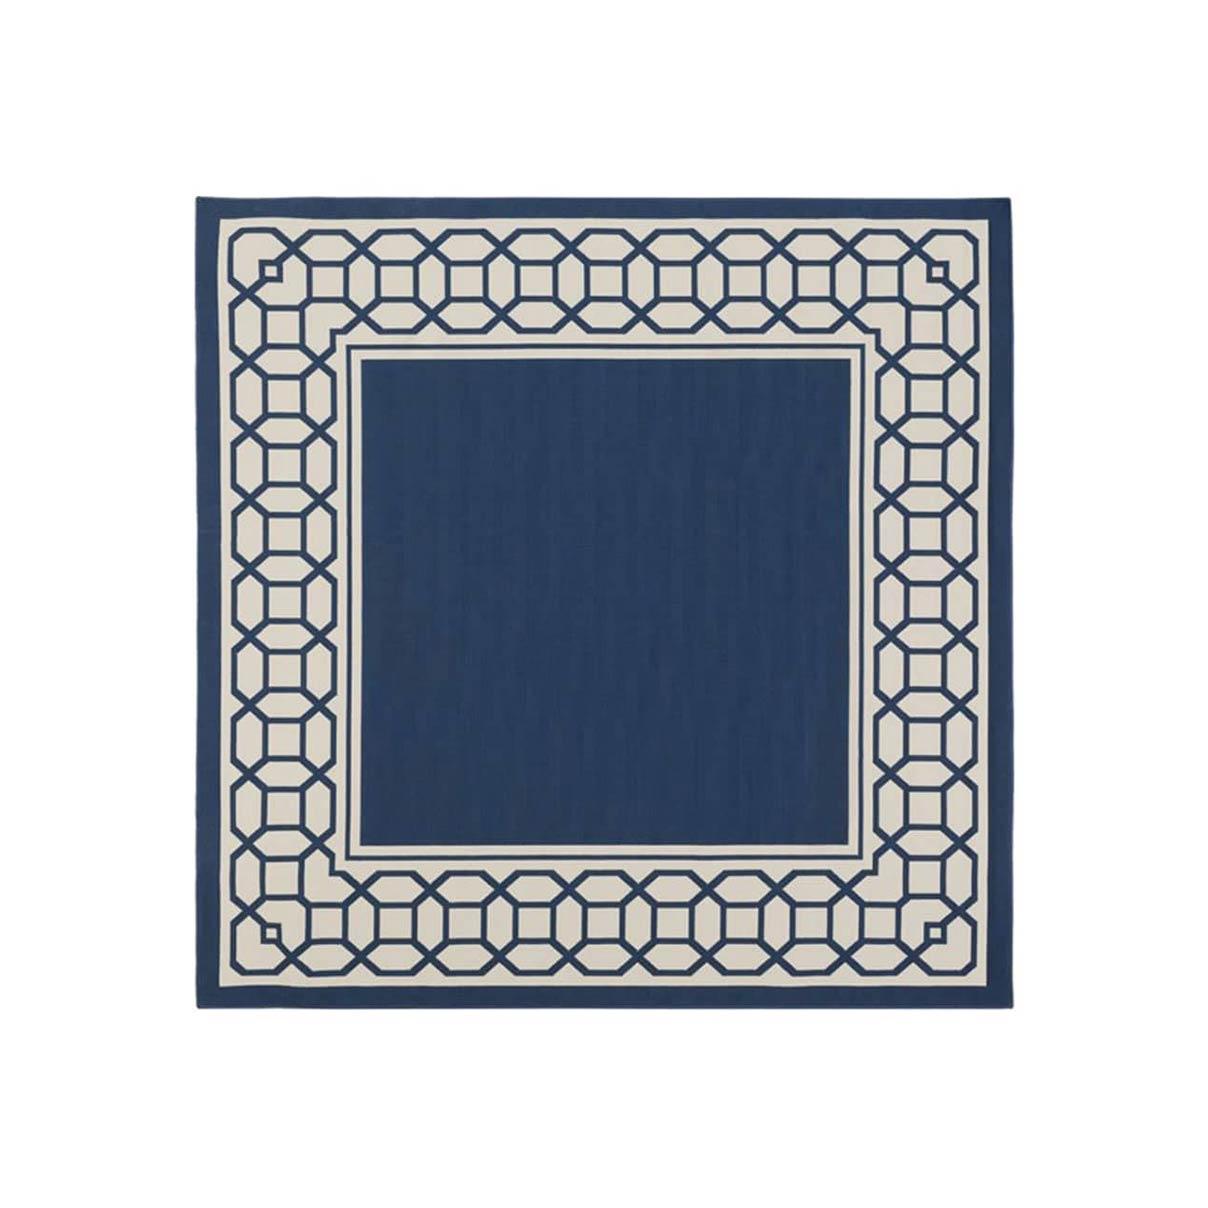 فرش ماشینی مربع کلکسیون فانتزی مدرن کد 1103 اطلسی